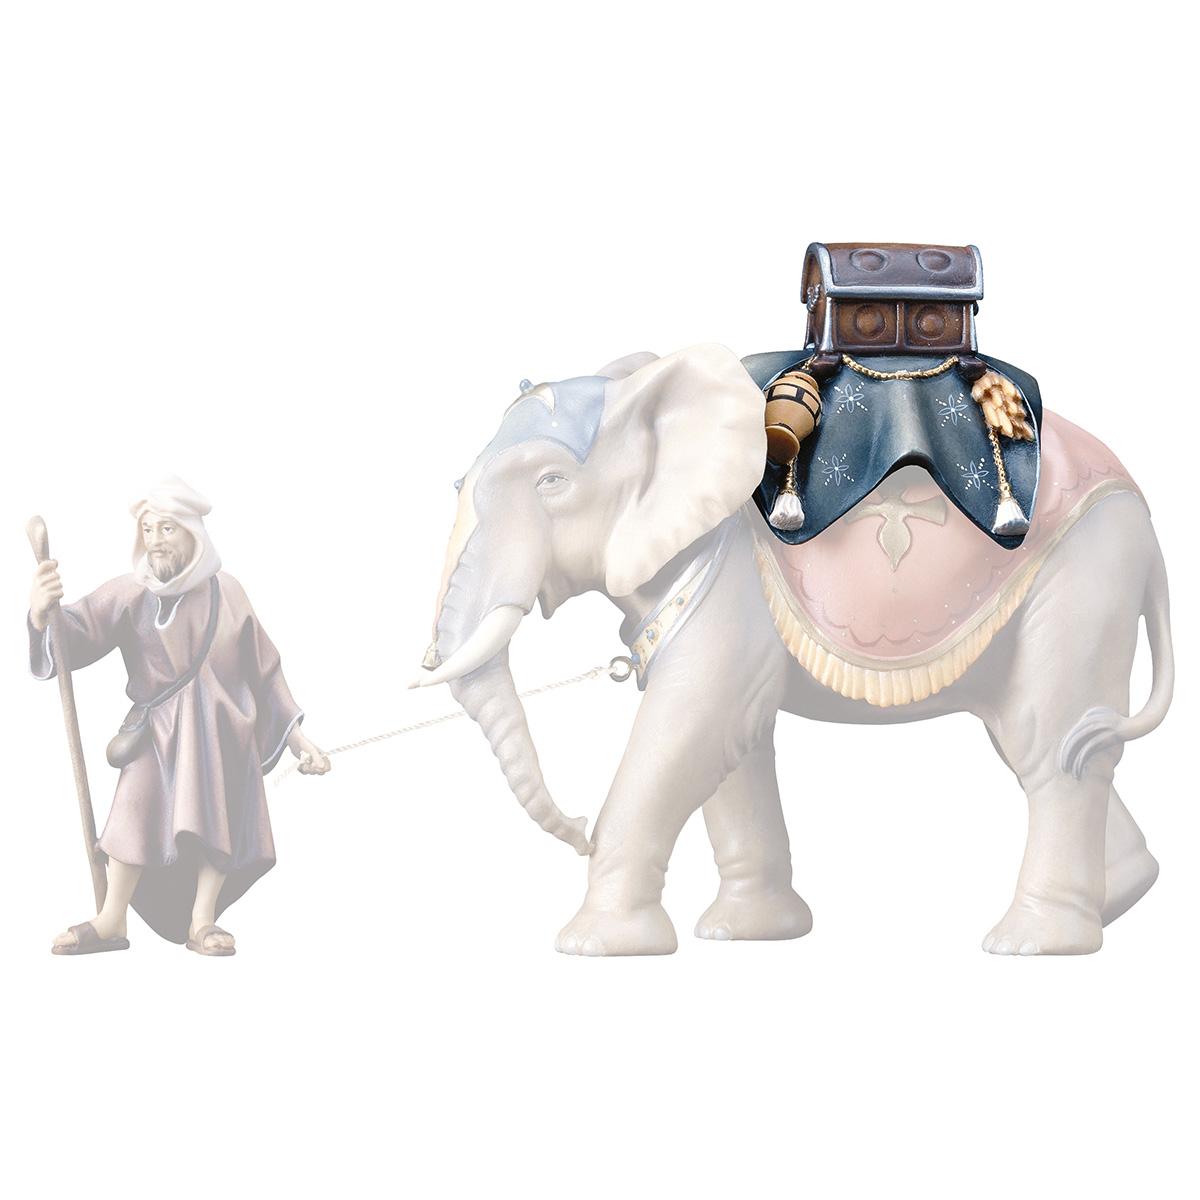 Gepäcksattel (passend zu Elefant stehend)